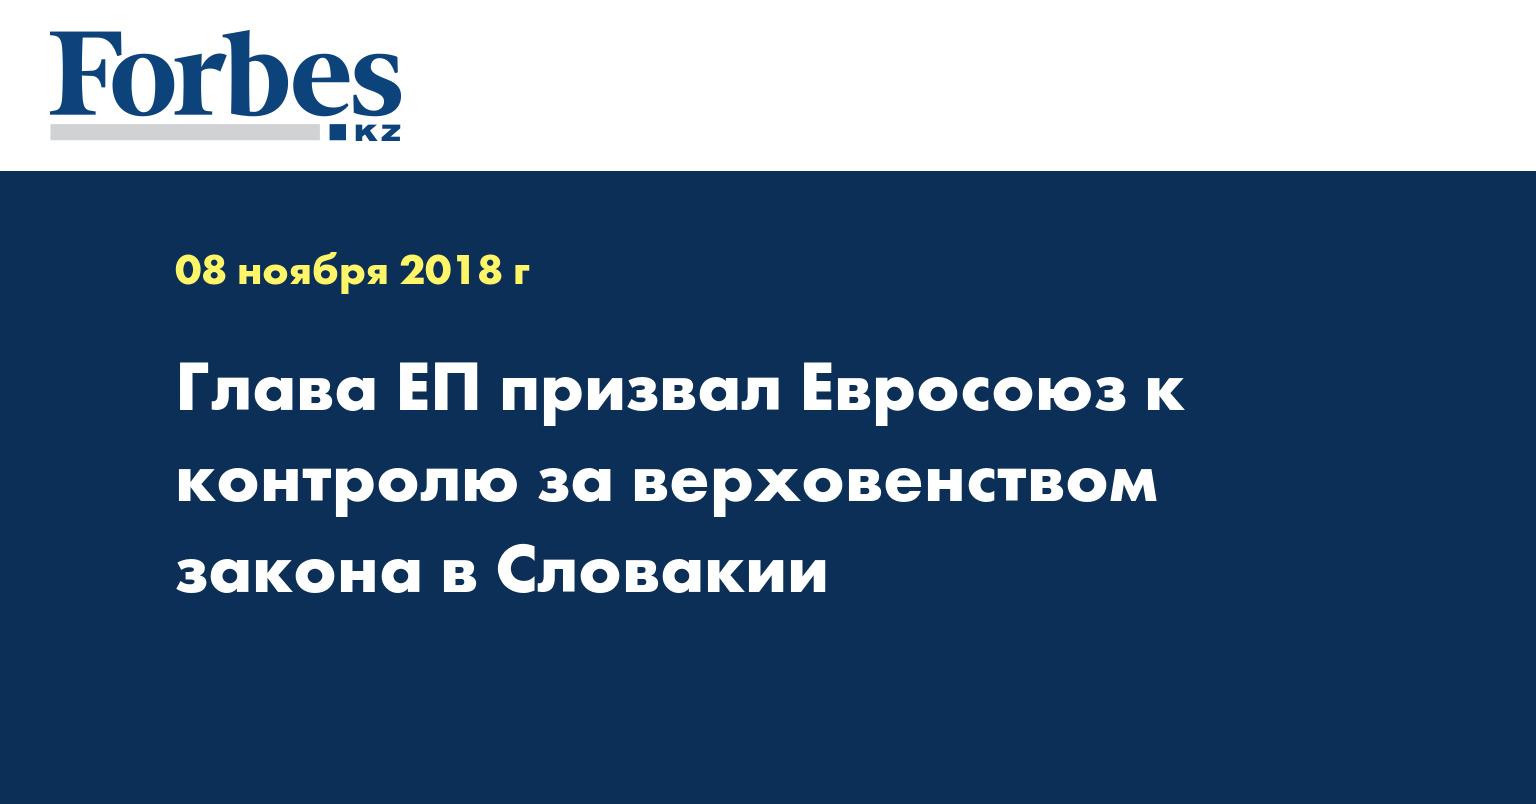 Глава ЕП призвал Евросоюз к контролю за верховенством закона в Словакии